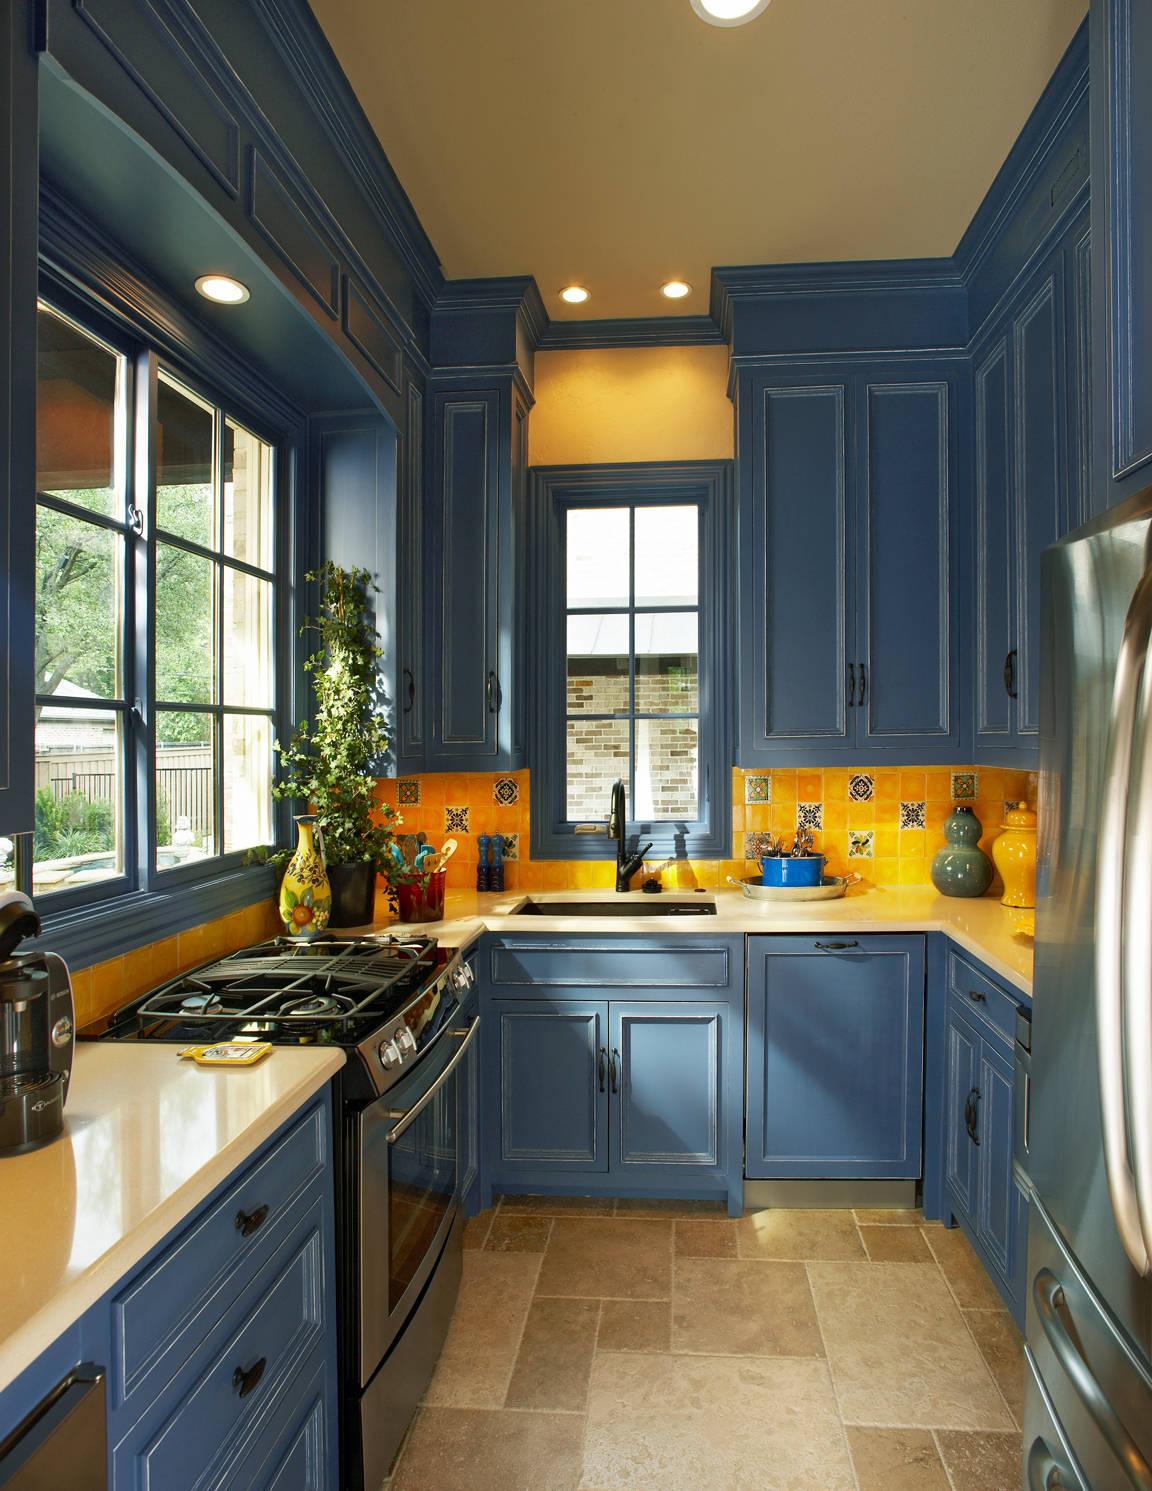 Дизайн кухни в сине желтом цвете